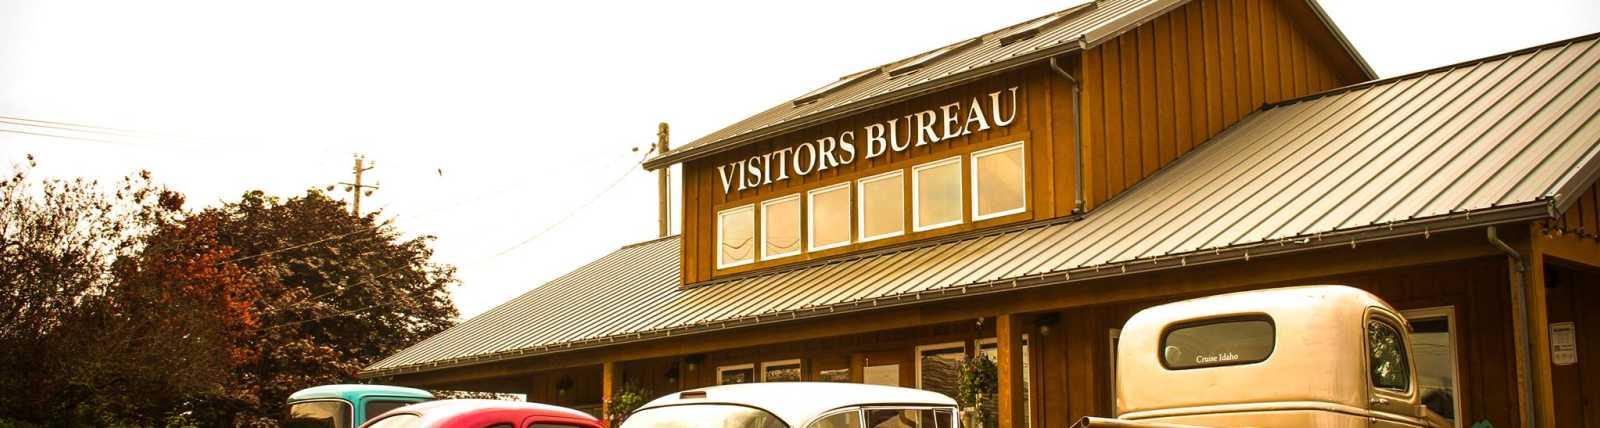 Long Beach Peninsula Visitors Bureau